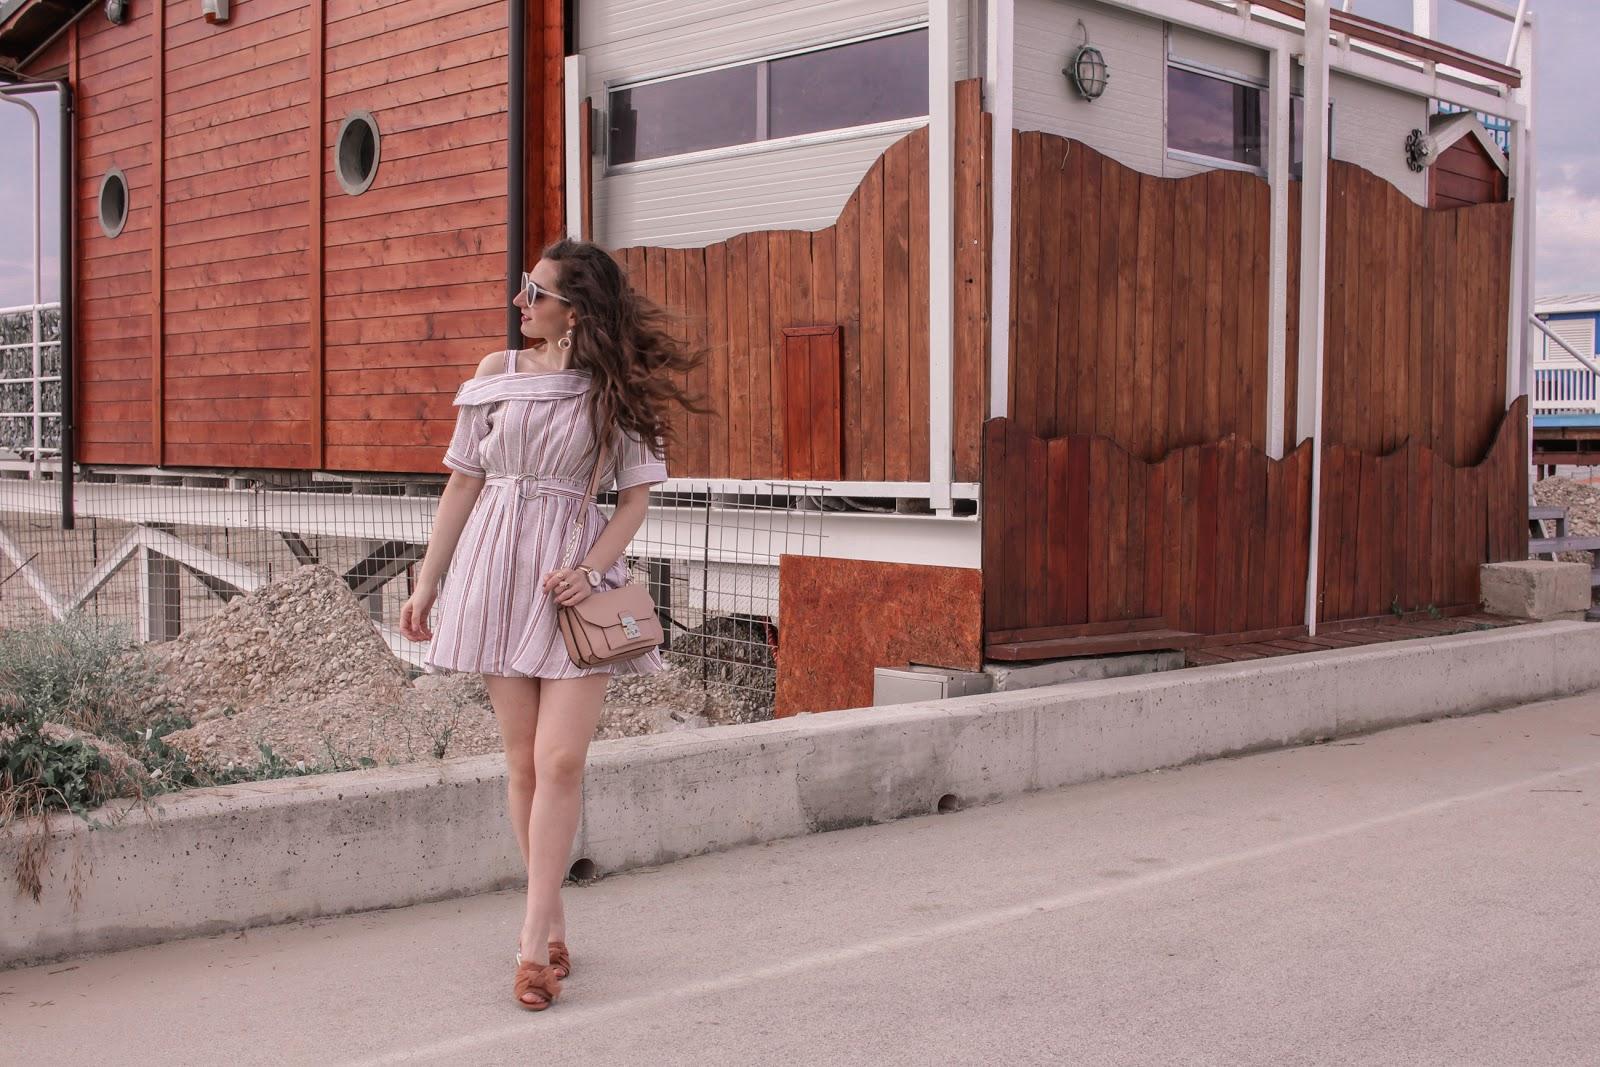 VESTITO a RIGHE: come indossarlo d'ESTATE in un look comodo e fresco